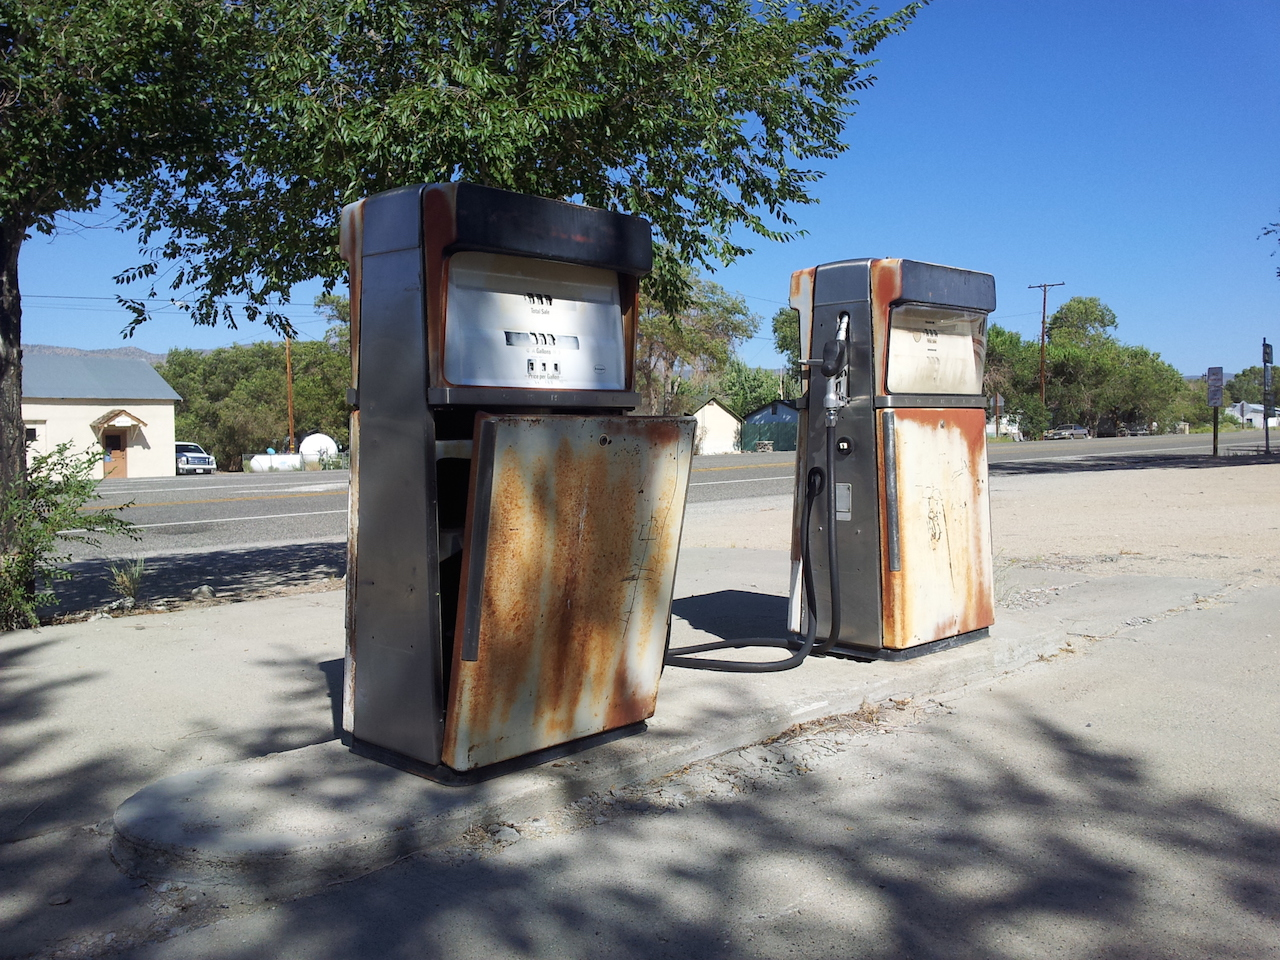 Stará pumpa v Bentonu